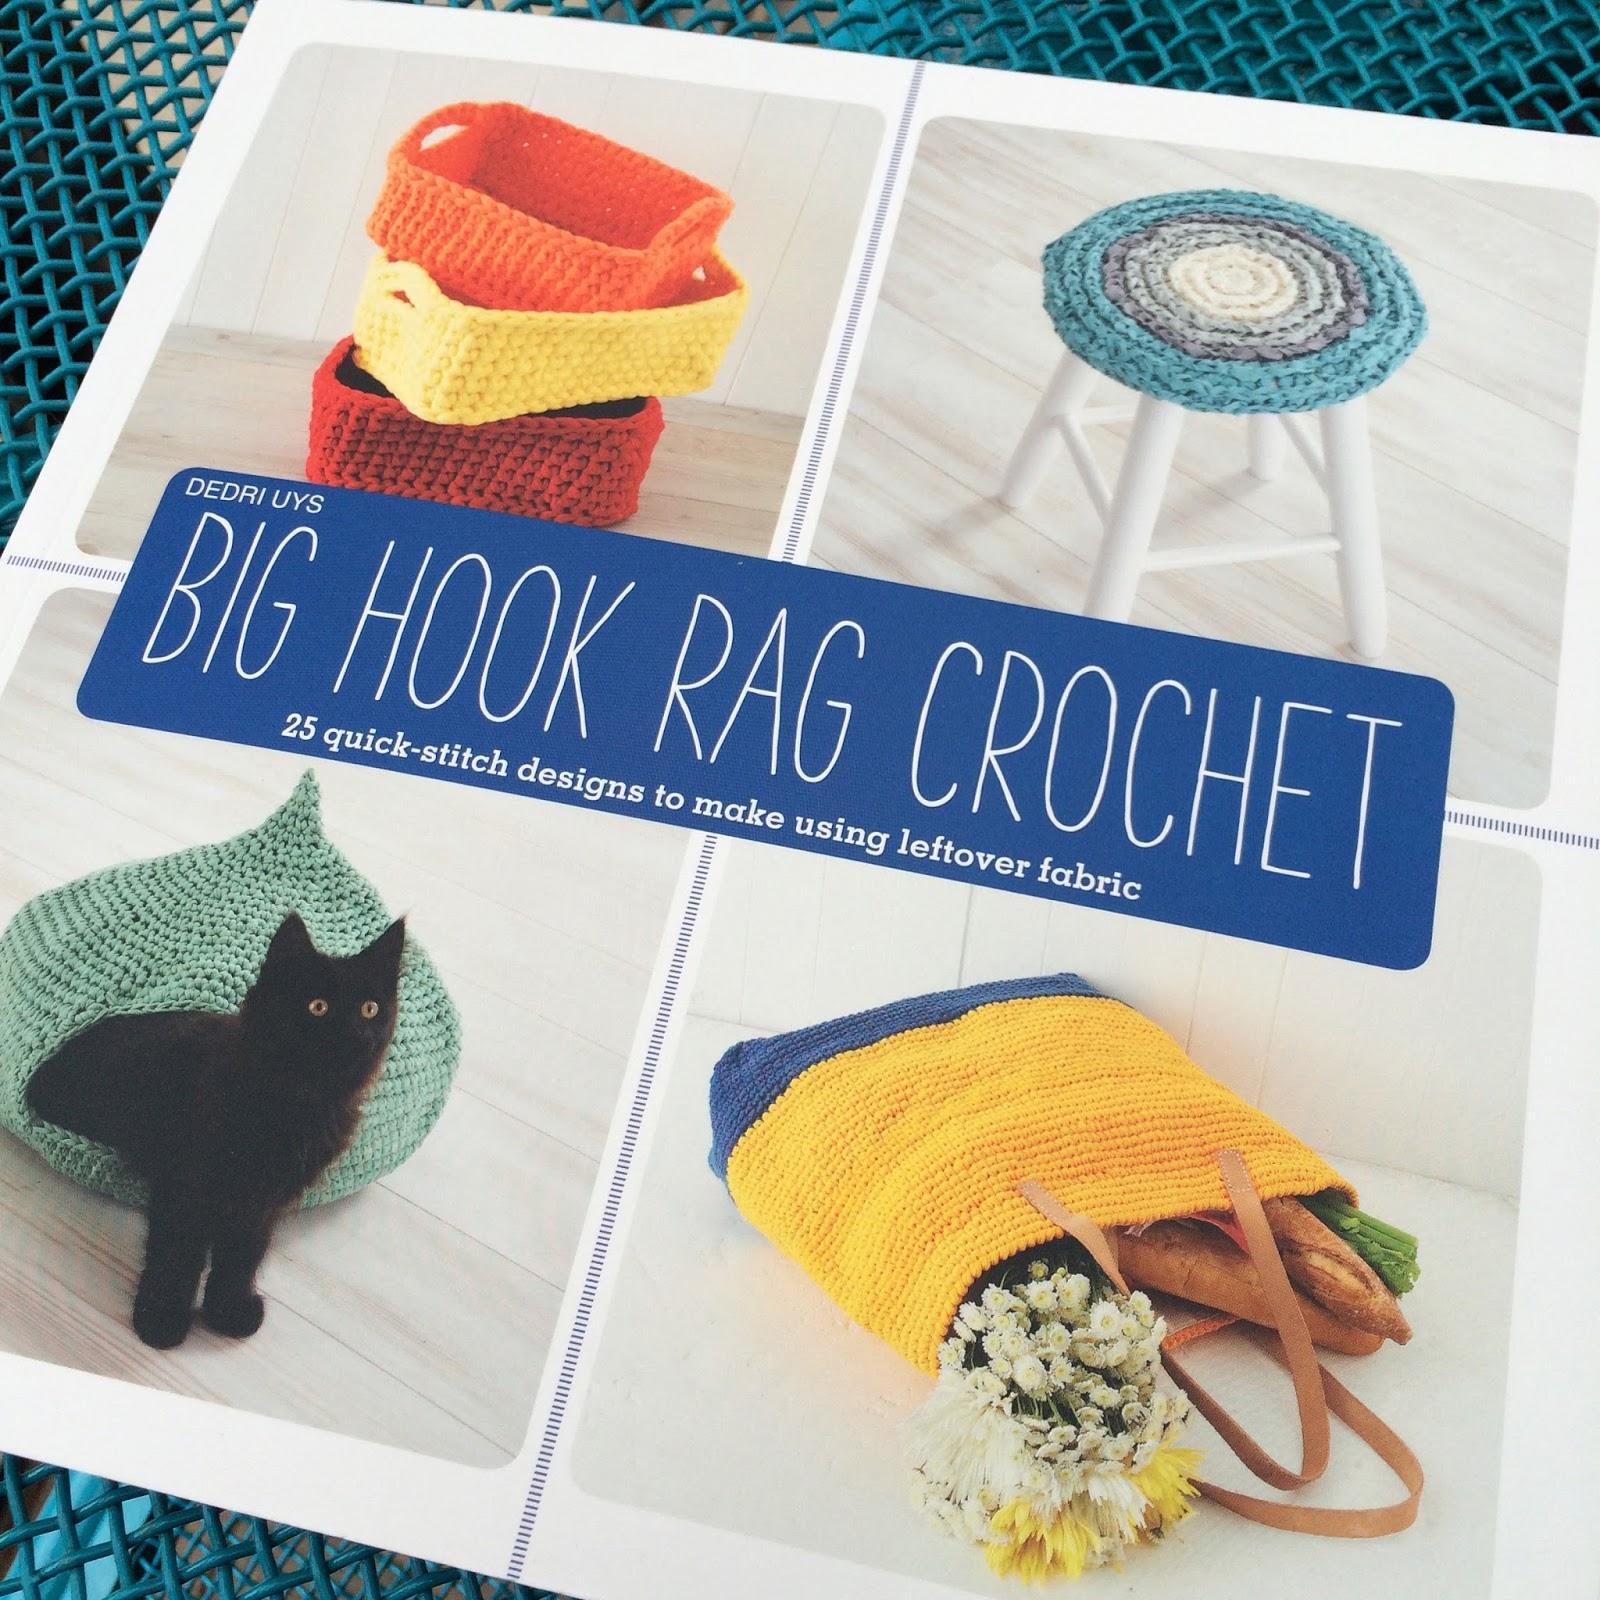 Book Cover Crochet Hook ~ Crochet in color big hook rag crochet